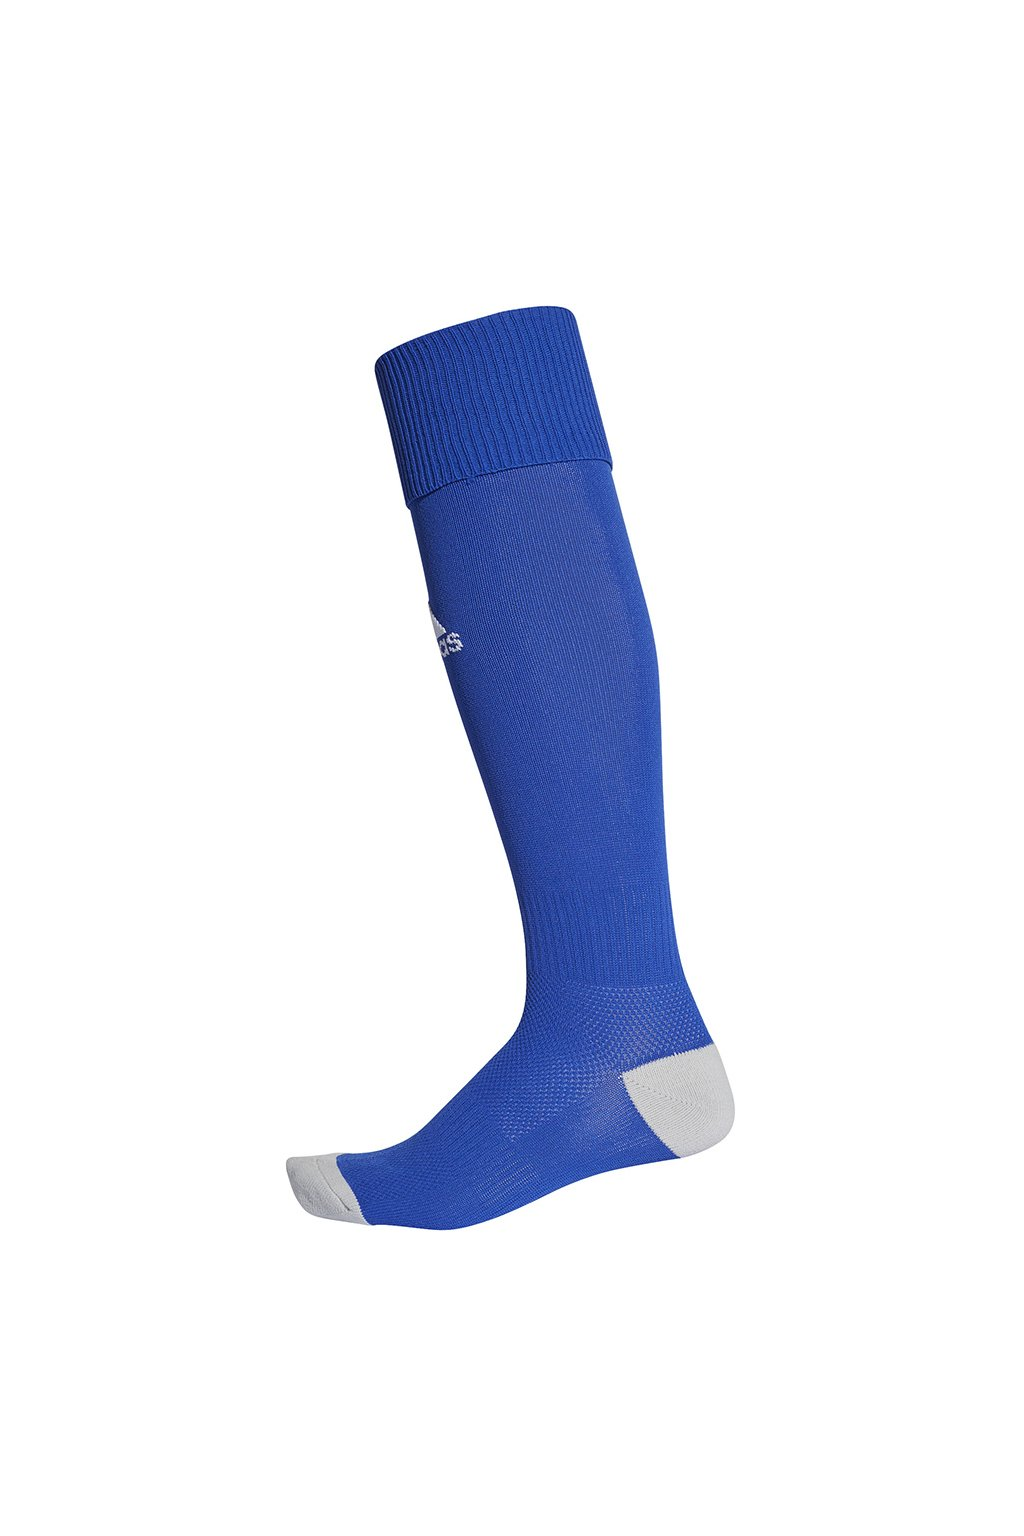 Futbalové ponožky Adidas Milano 16, modré AJ5907 / E19299